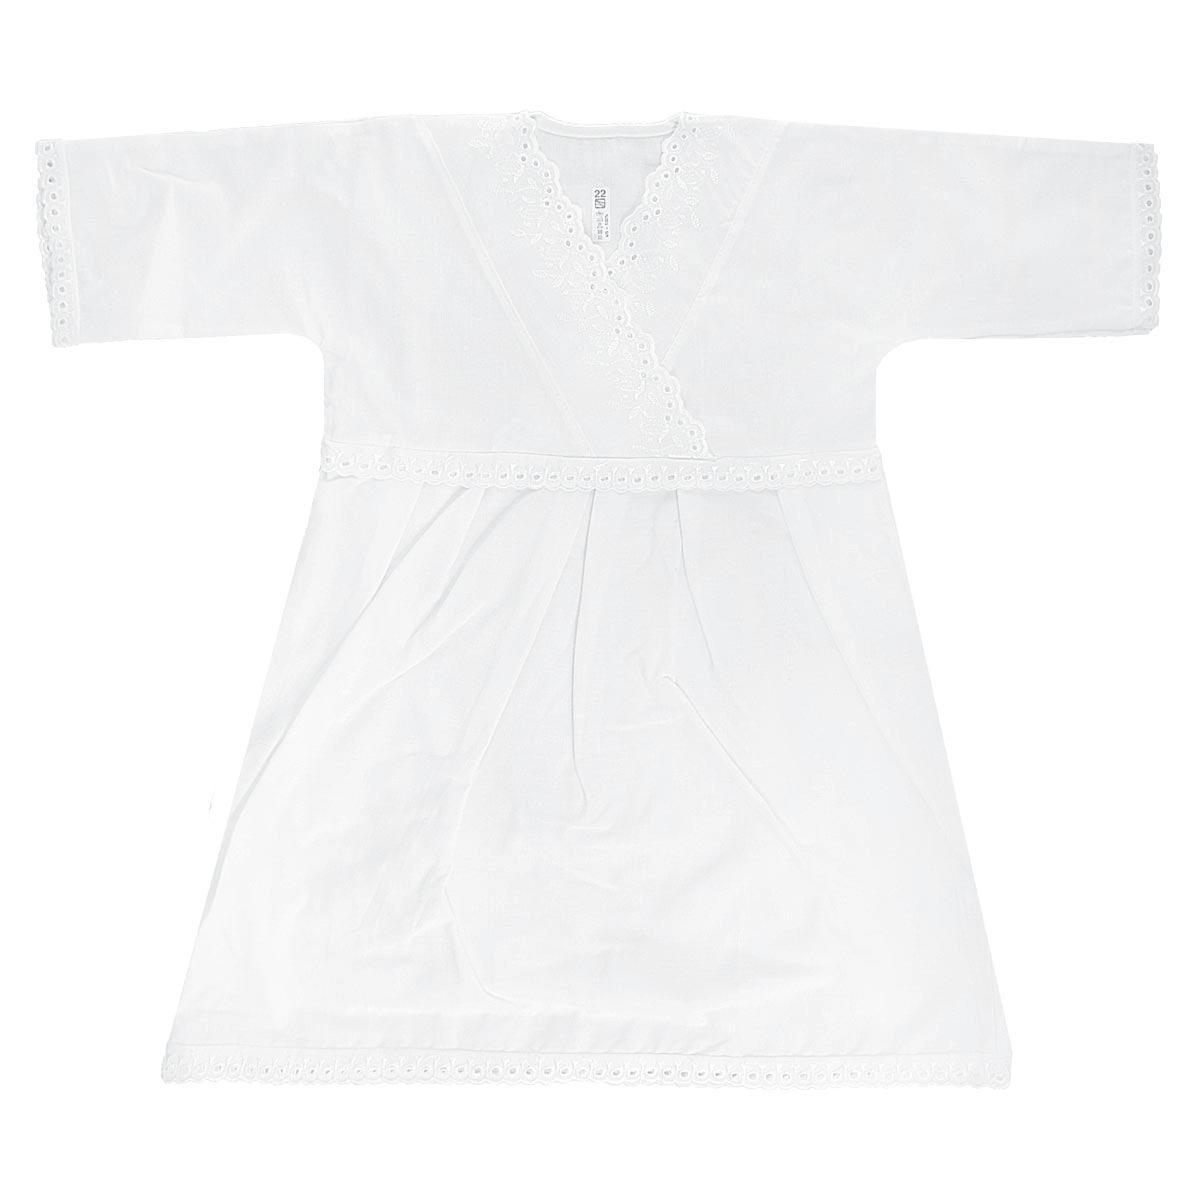 Крестильная рубашка для девочки Трон-плюс, цвет: белый. 1151. Размер 74, 9 месяцев1151Крестильная рубашка для девочки Трон-плюс, выполненная из натурального хлопка, идеально подойдет для крещения вашей малышки. Рубашка необычайно мягкая и приятная на ощупь, не сковывает движения и позволяет коже дышать, не раздражает нежную кожу ребенка, обеспечивая ему наибольший комфорт. Рубашка трапециевидной формы с длинными рукавами имеет полочку на кокетке с запахом, отделанную вышивками. Низ рукавов и низ изделия украшены очаровательными ажурными петельками. От линии талии заложены складочки, придающие рубашке пышность.Благодаря такой рубашке ваша малышка не замерзнет, и будет выглядеть нарядно.